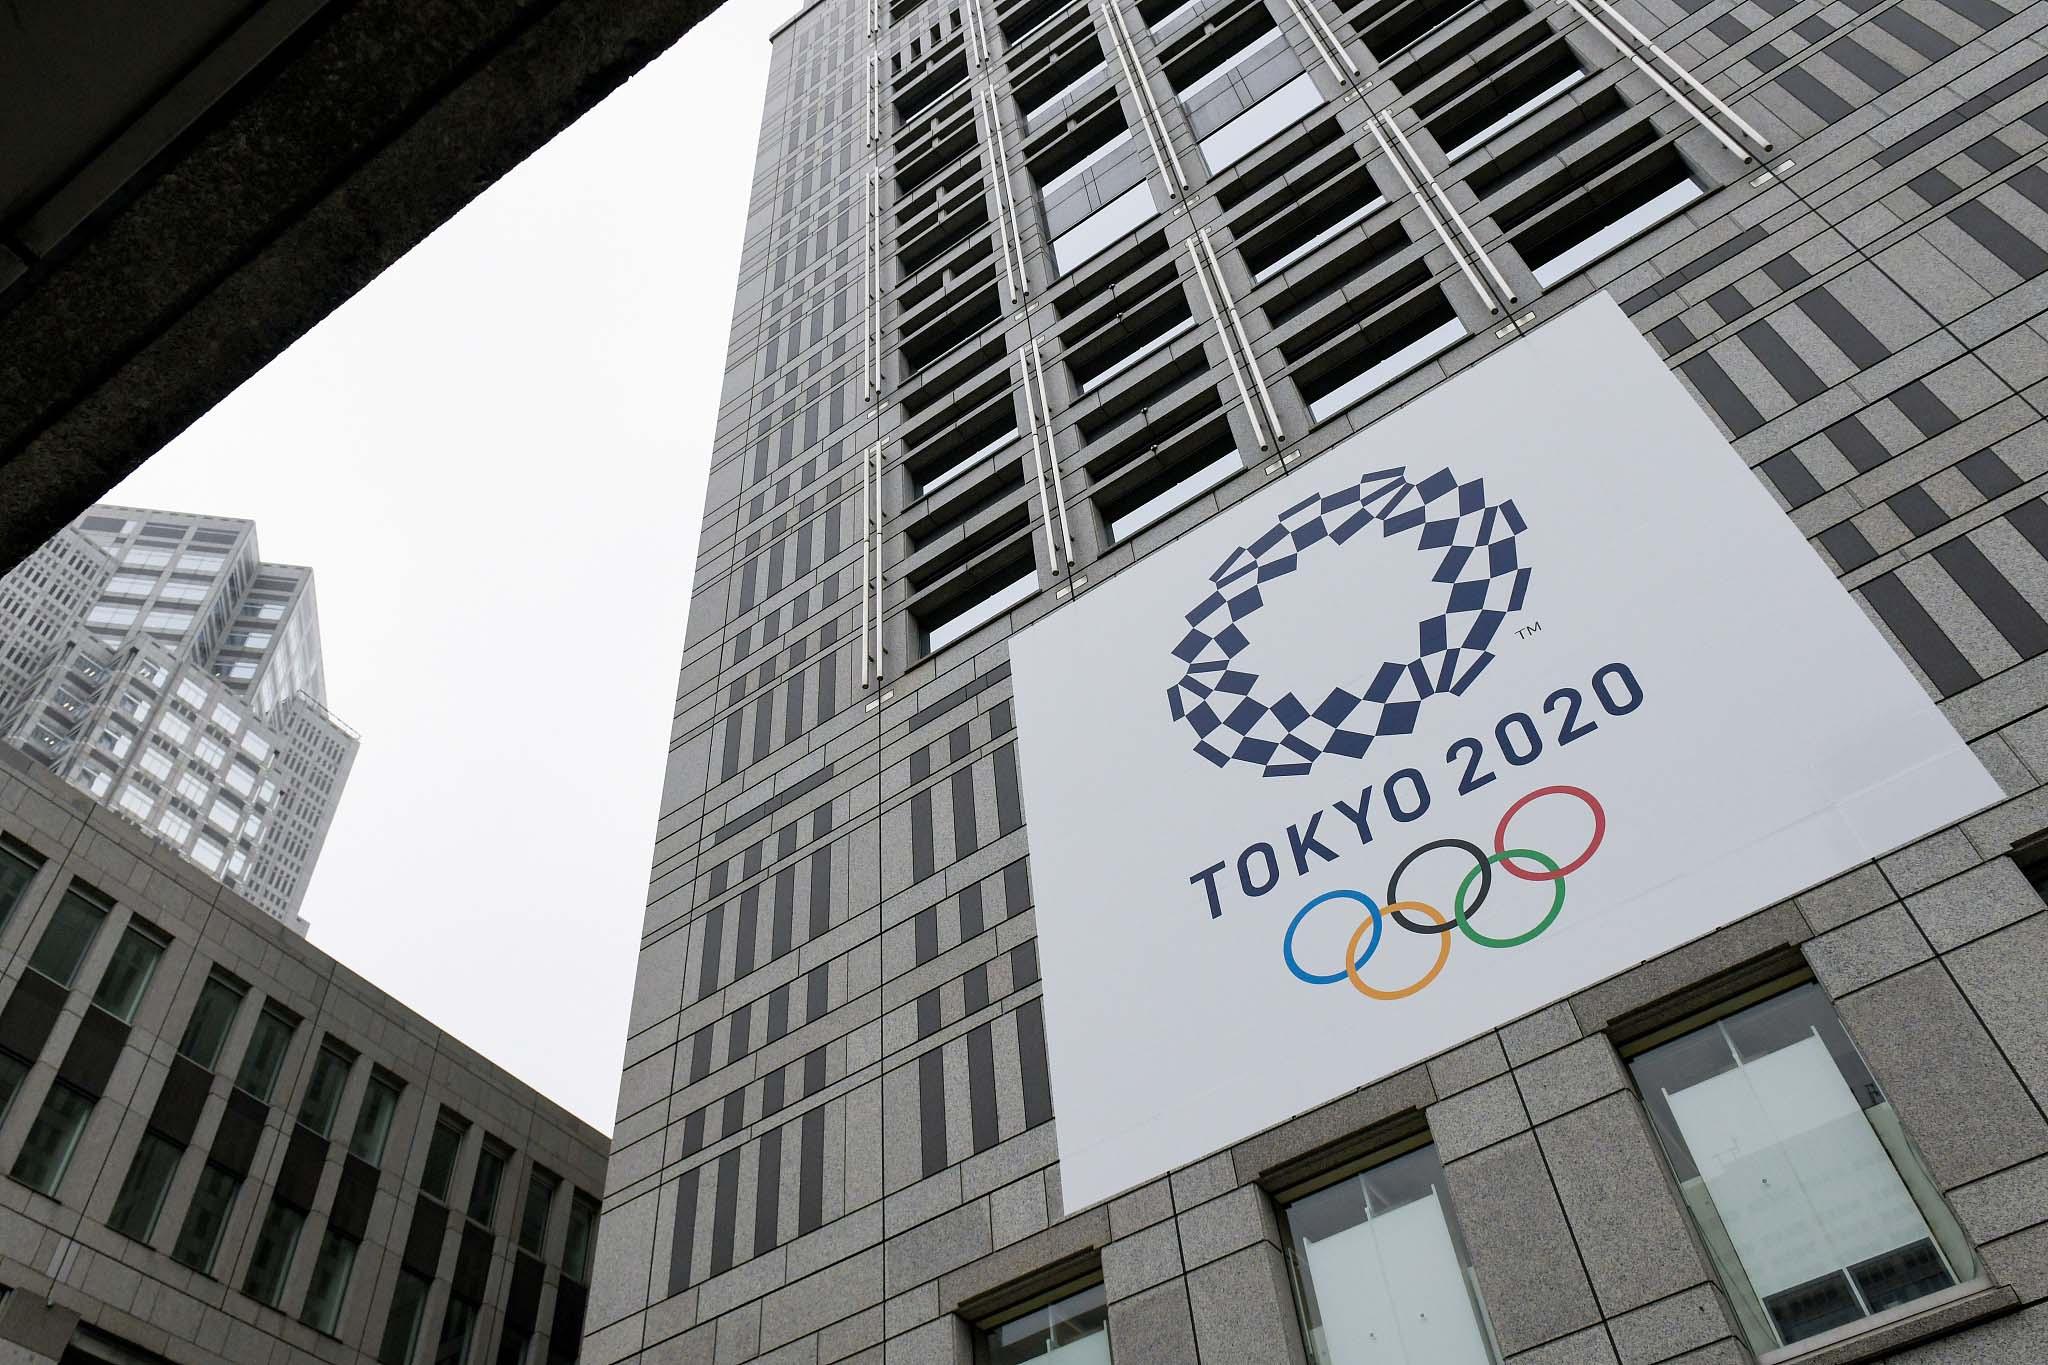 日媒:面向奥运志愿者的防疫措施不透明引发社会担忧